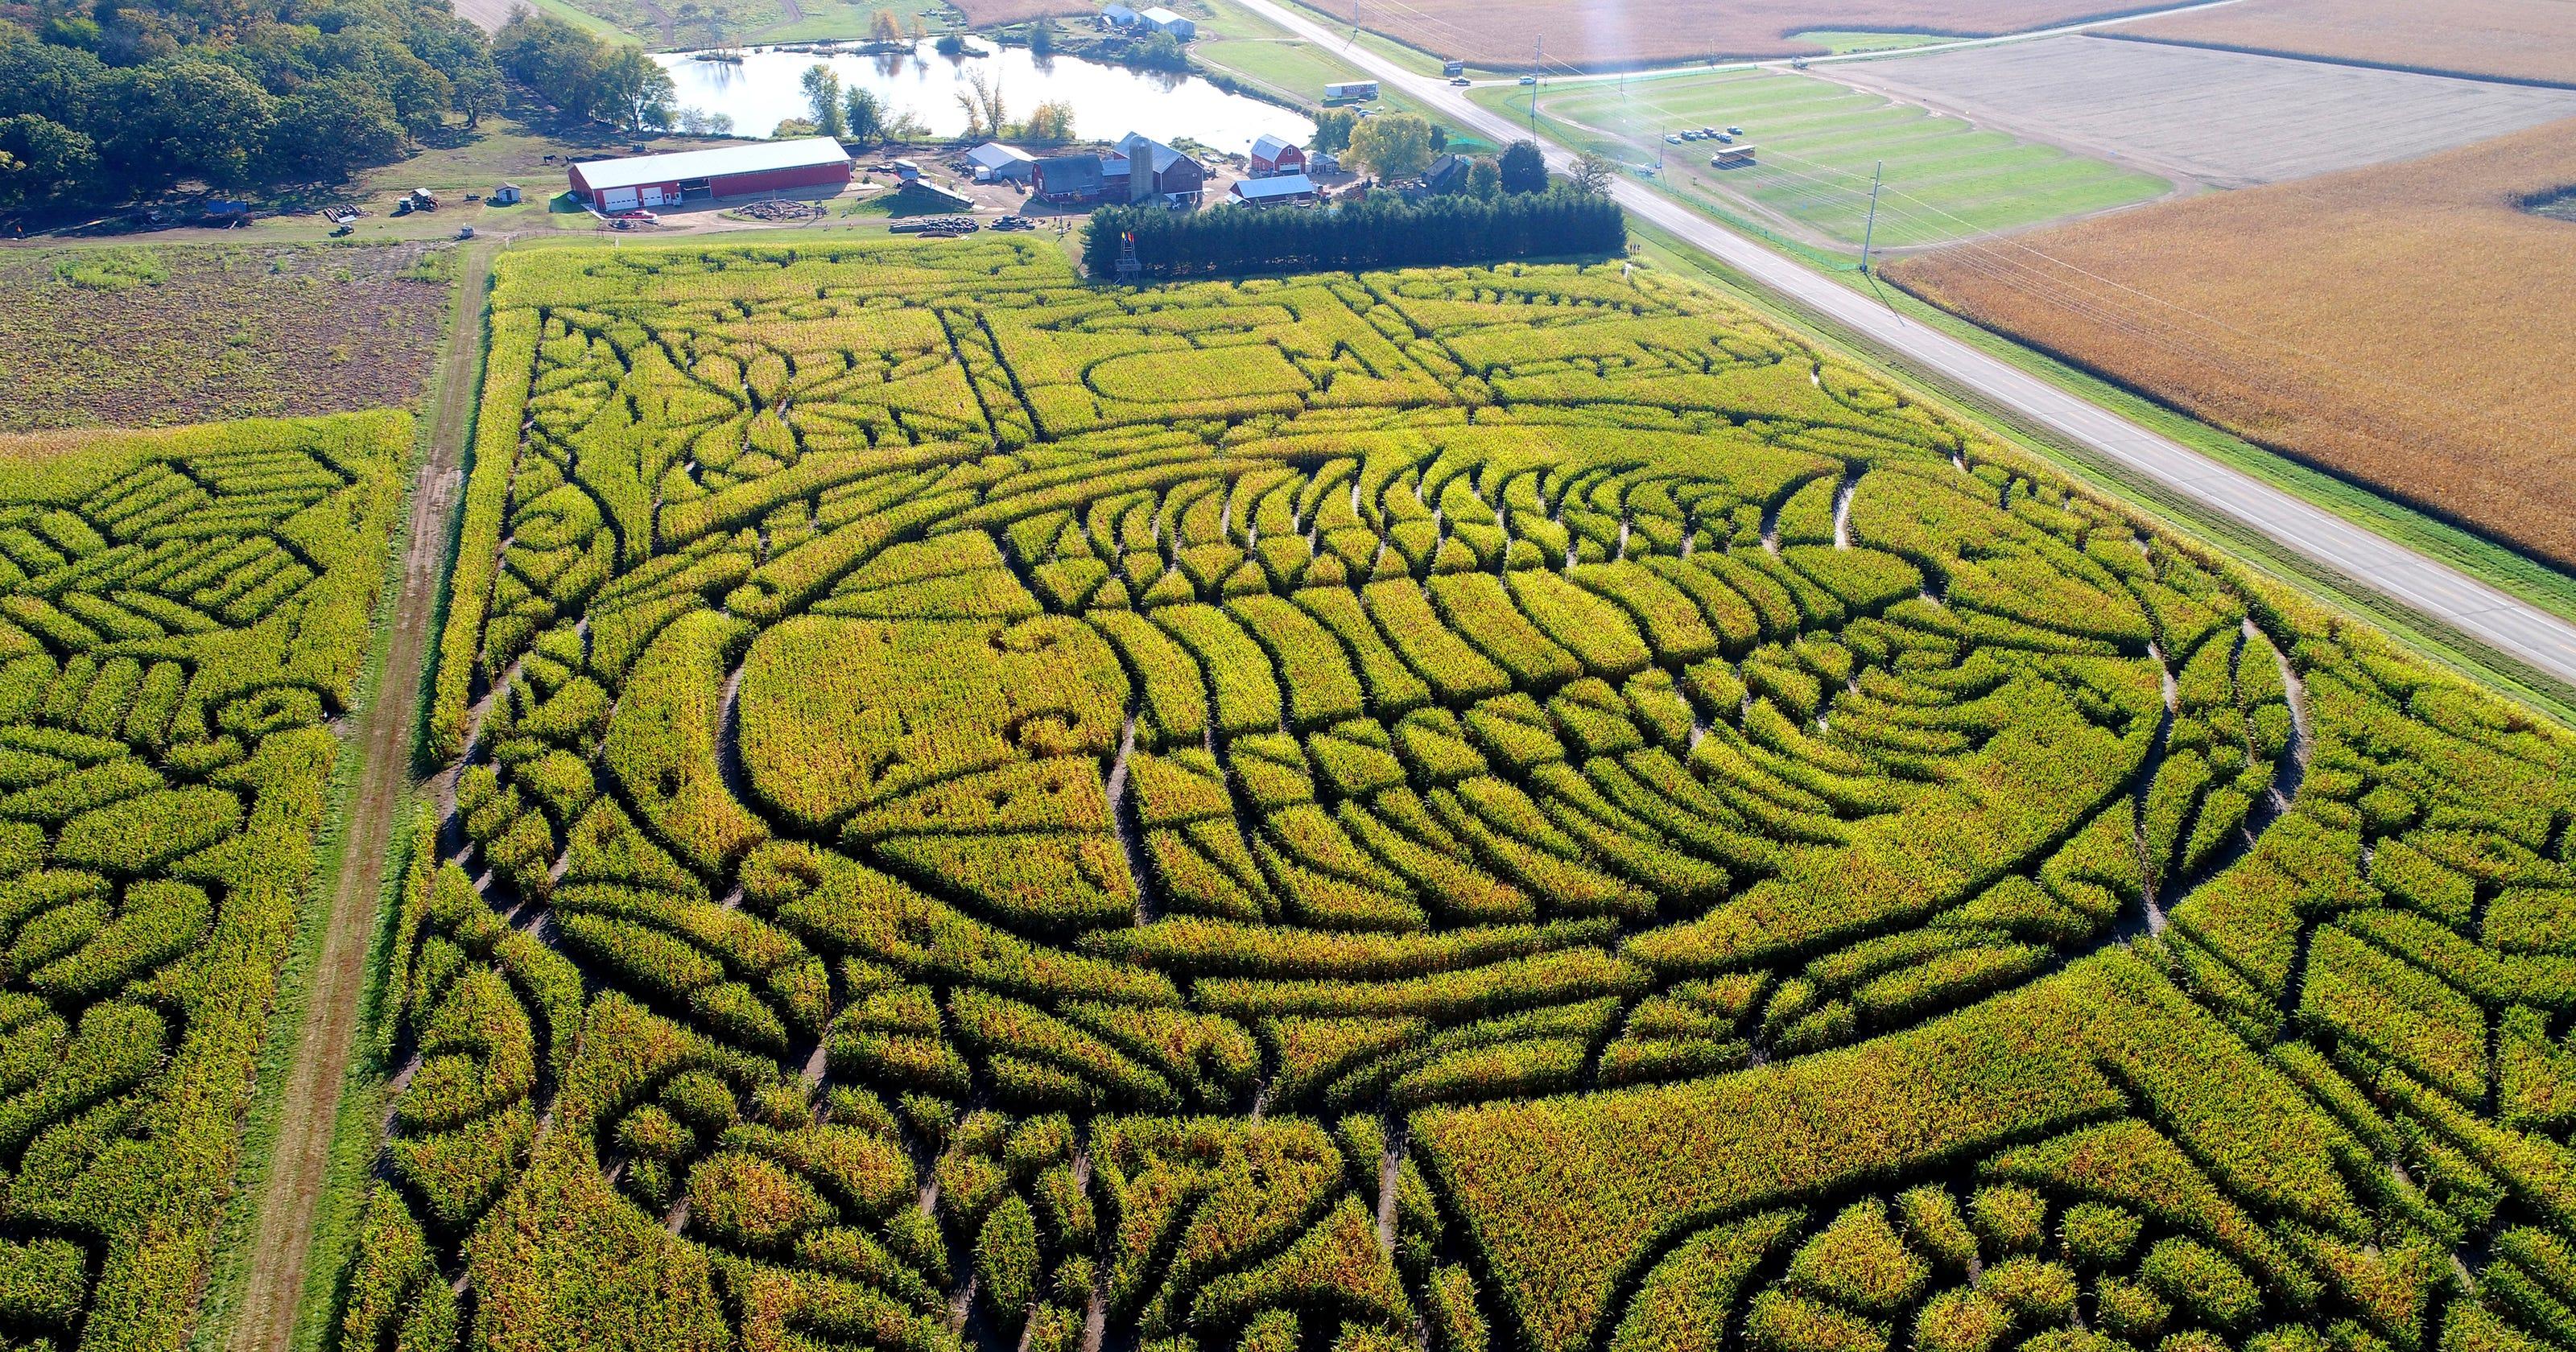 corn maze visitors navigate unique path of state fossil the trilobite